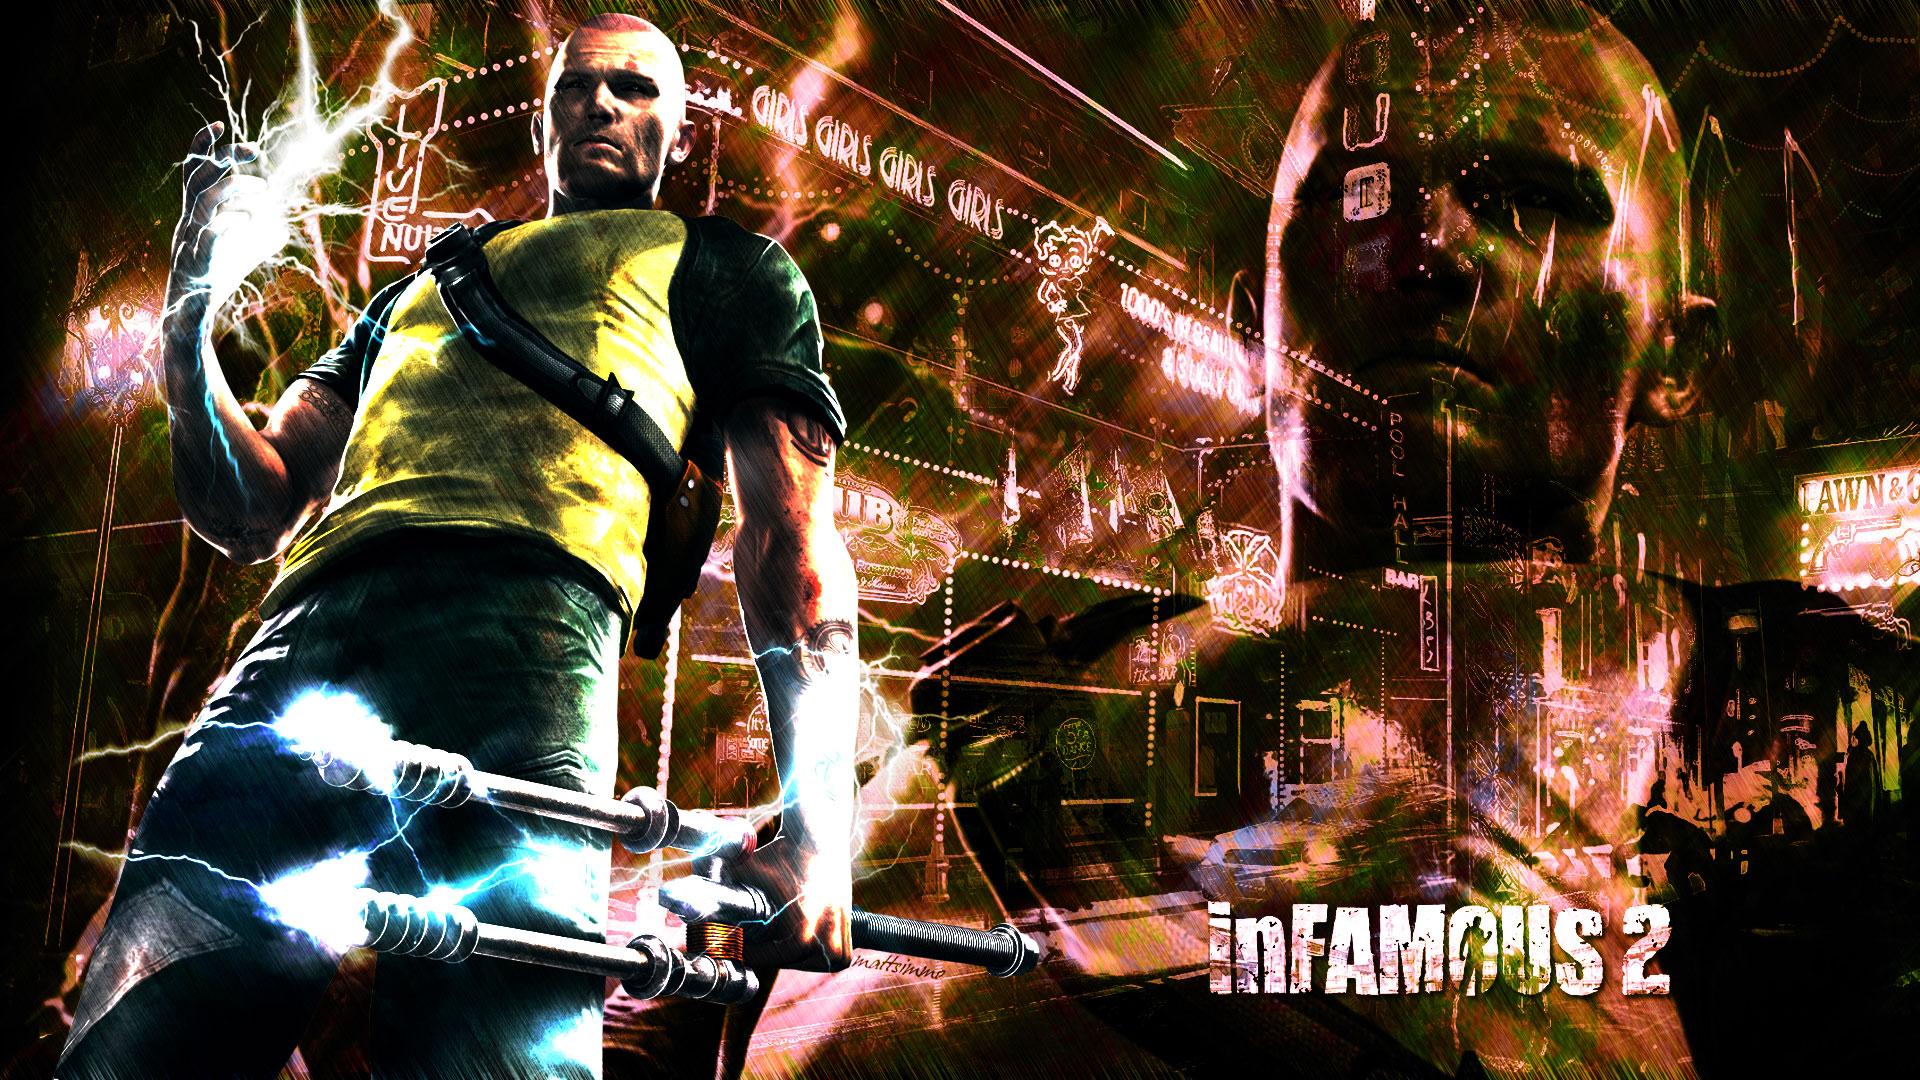 infamous 2 pictures hd desktop wallpapers 4k hd